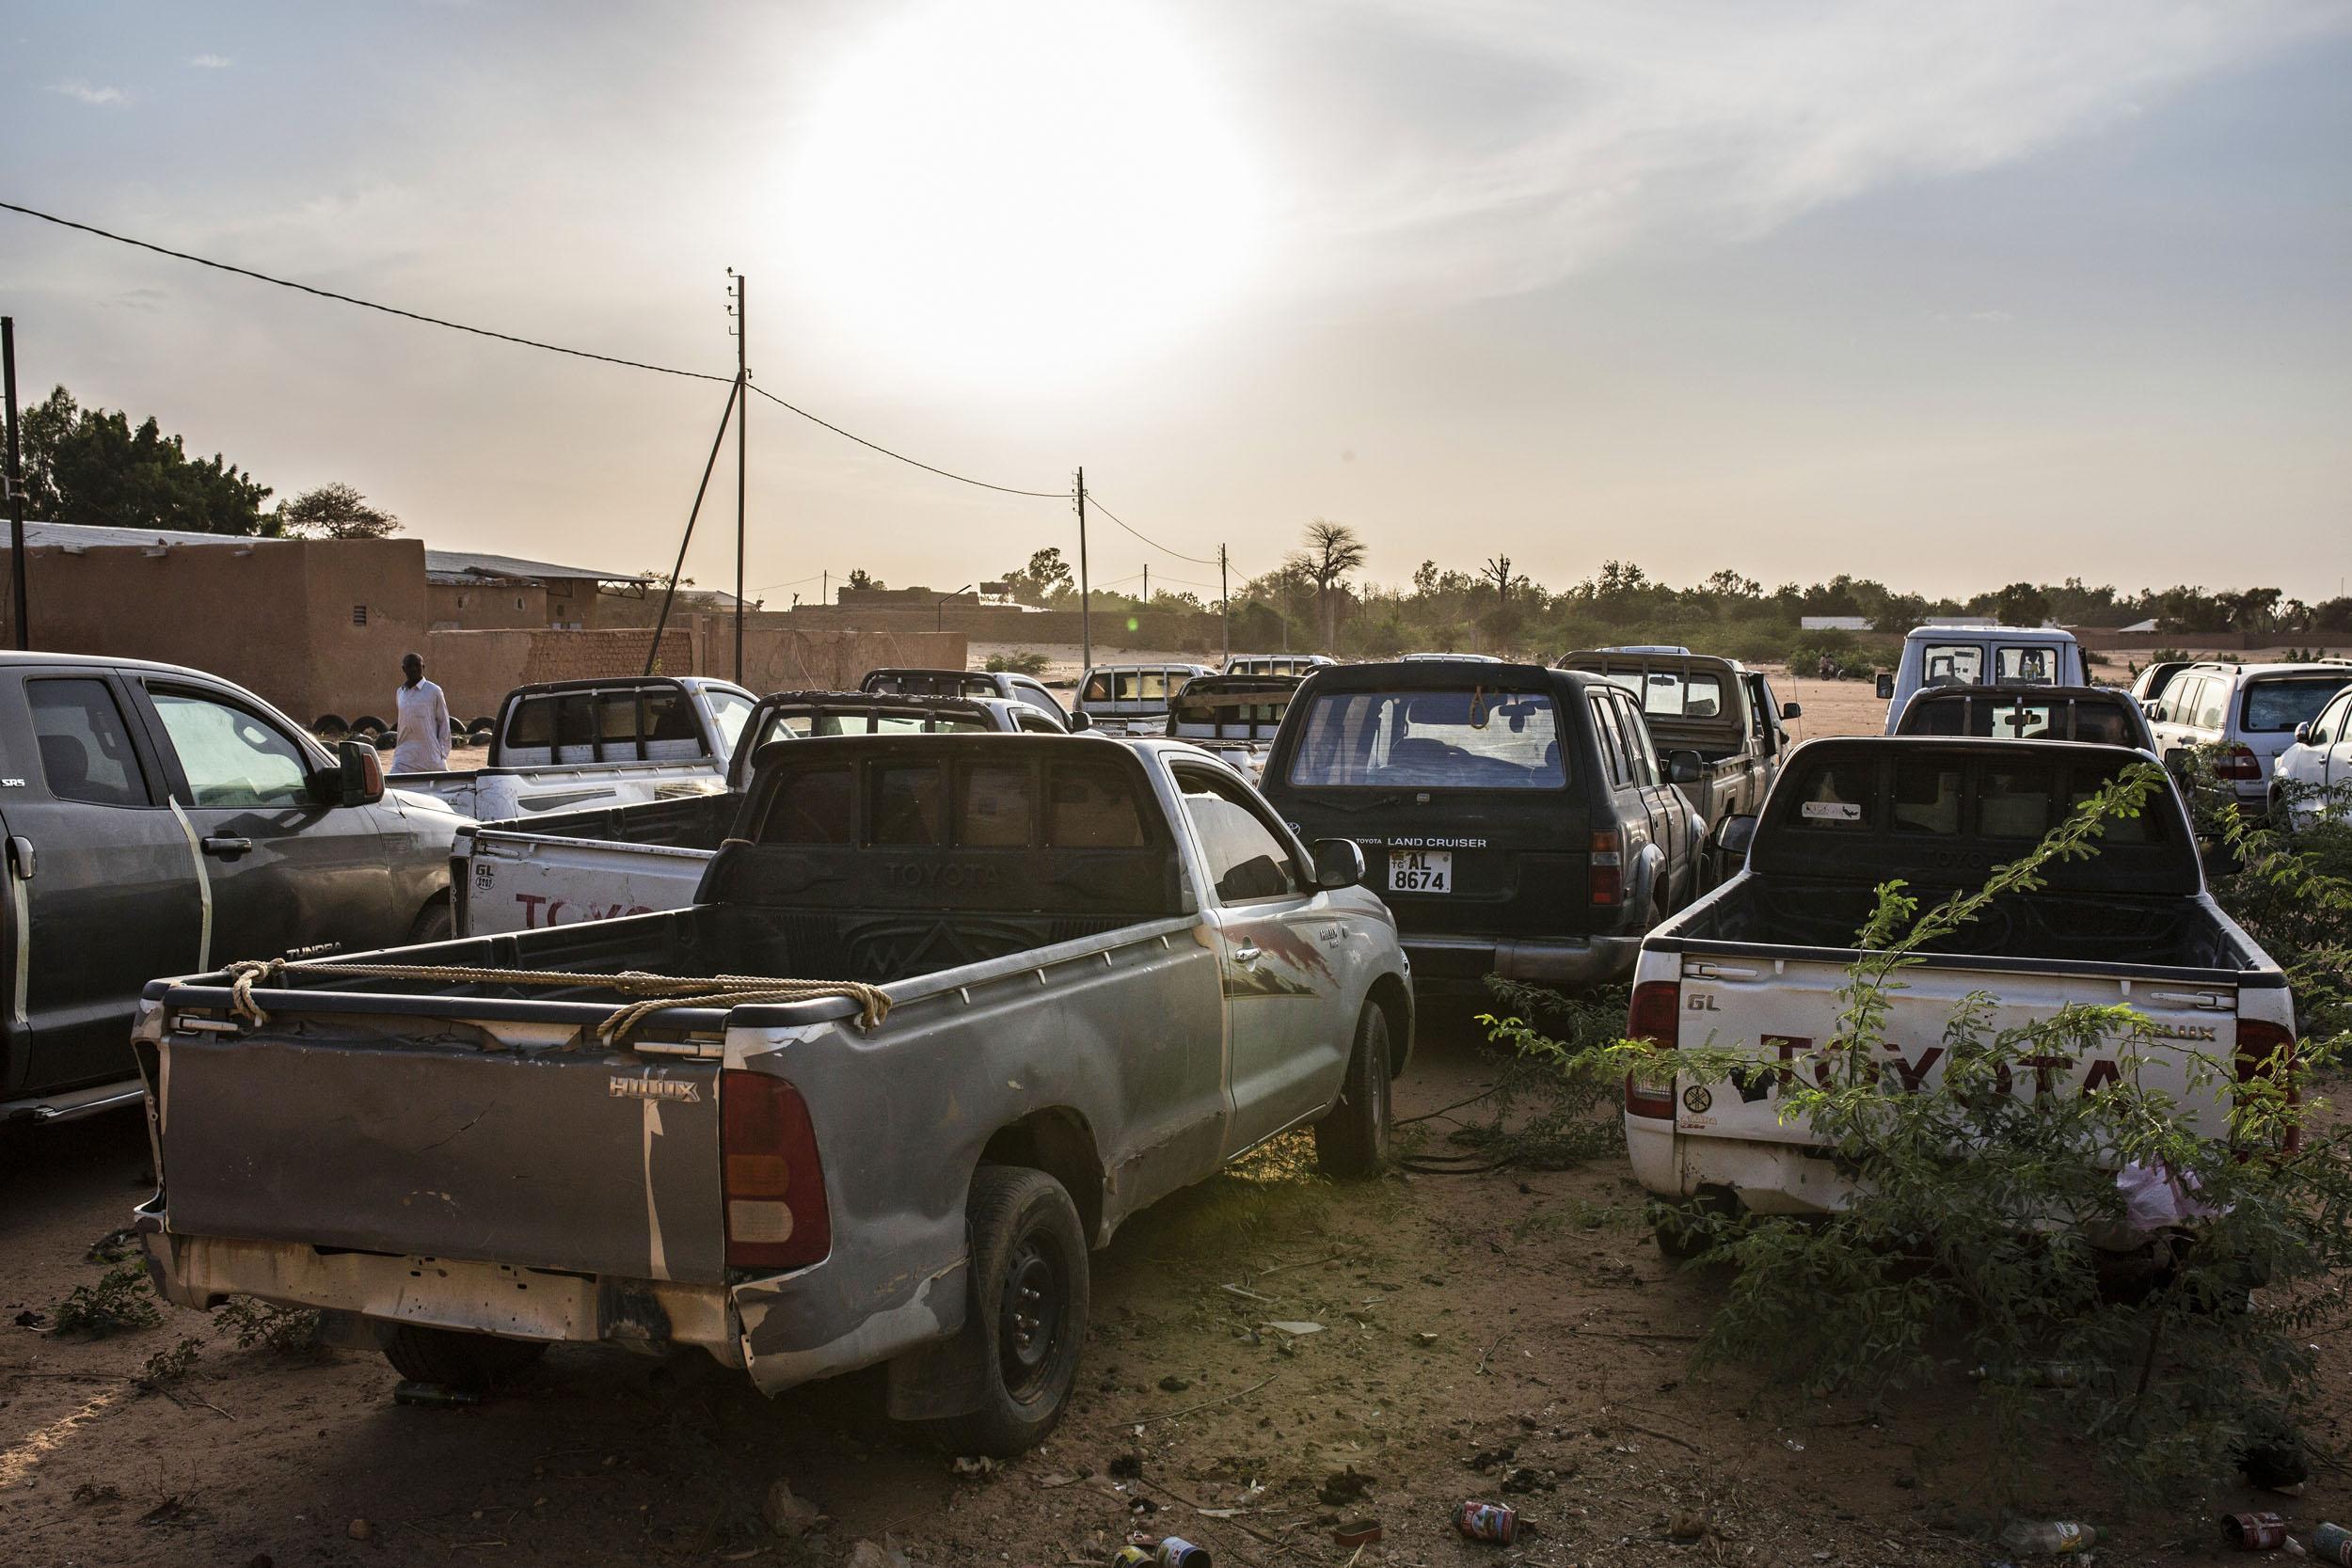 Kaupungin laitamilla viruu satakunta salakuljettajilta takavarikoitua autoa.